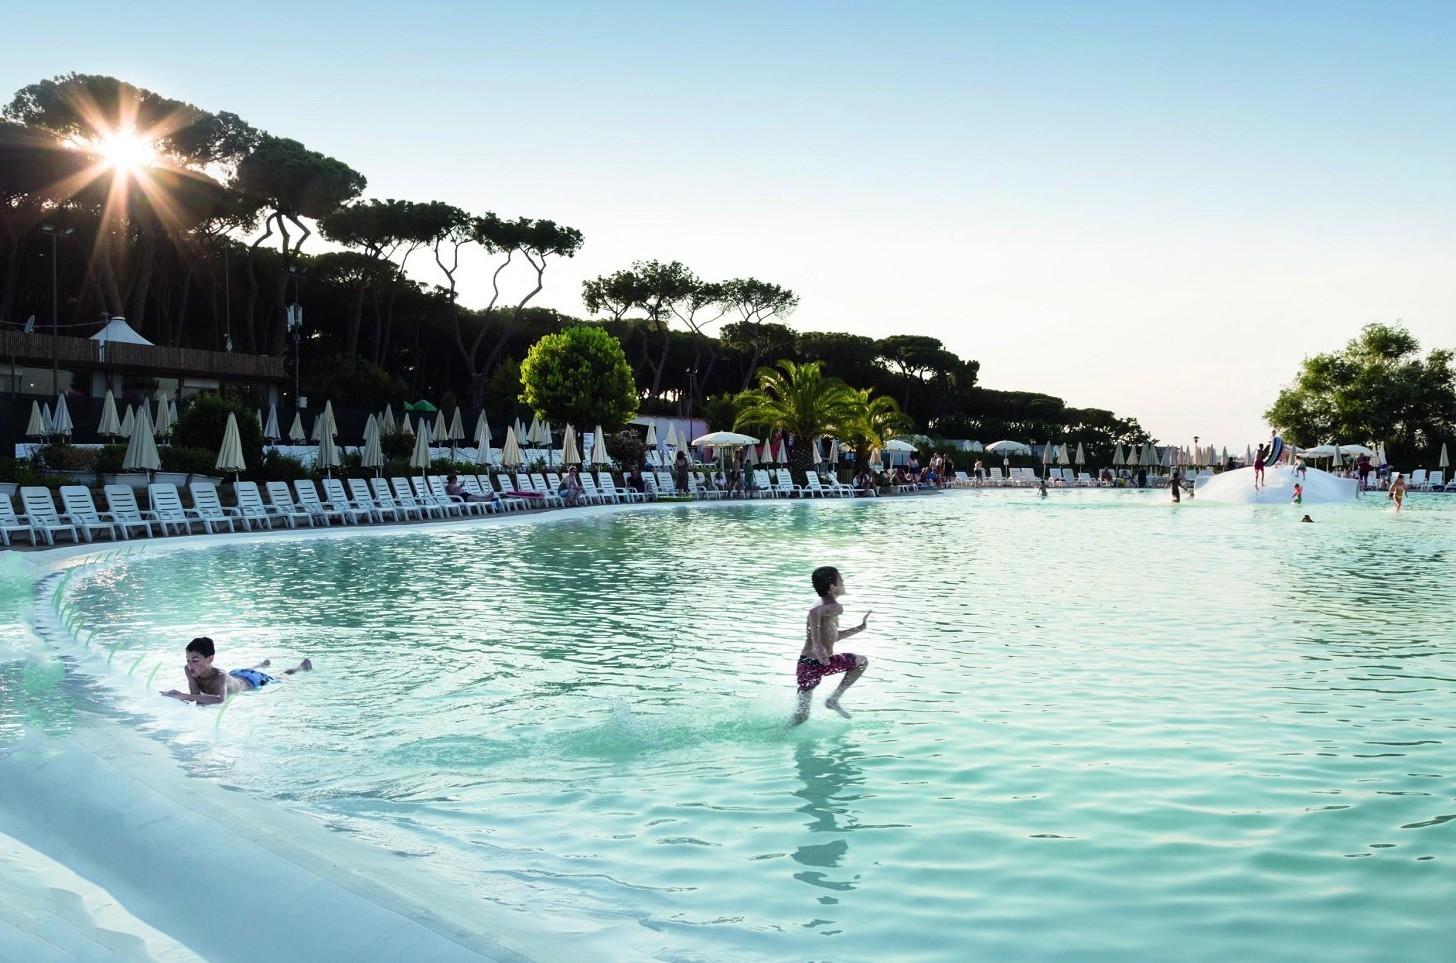 Lavorare nel turismo, come funziona il contratto 2020 e le leggi in vigore